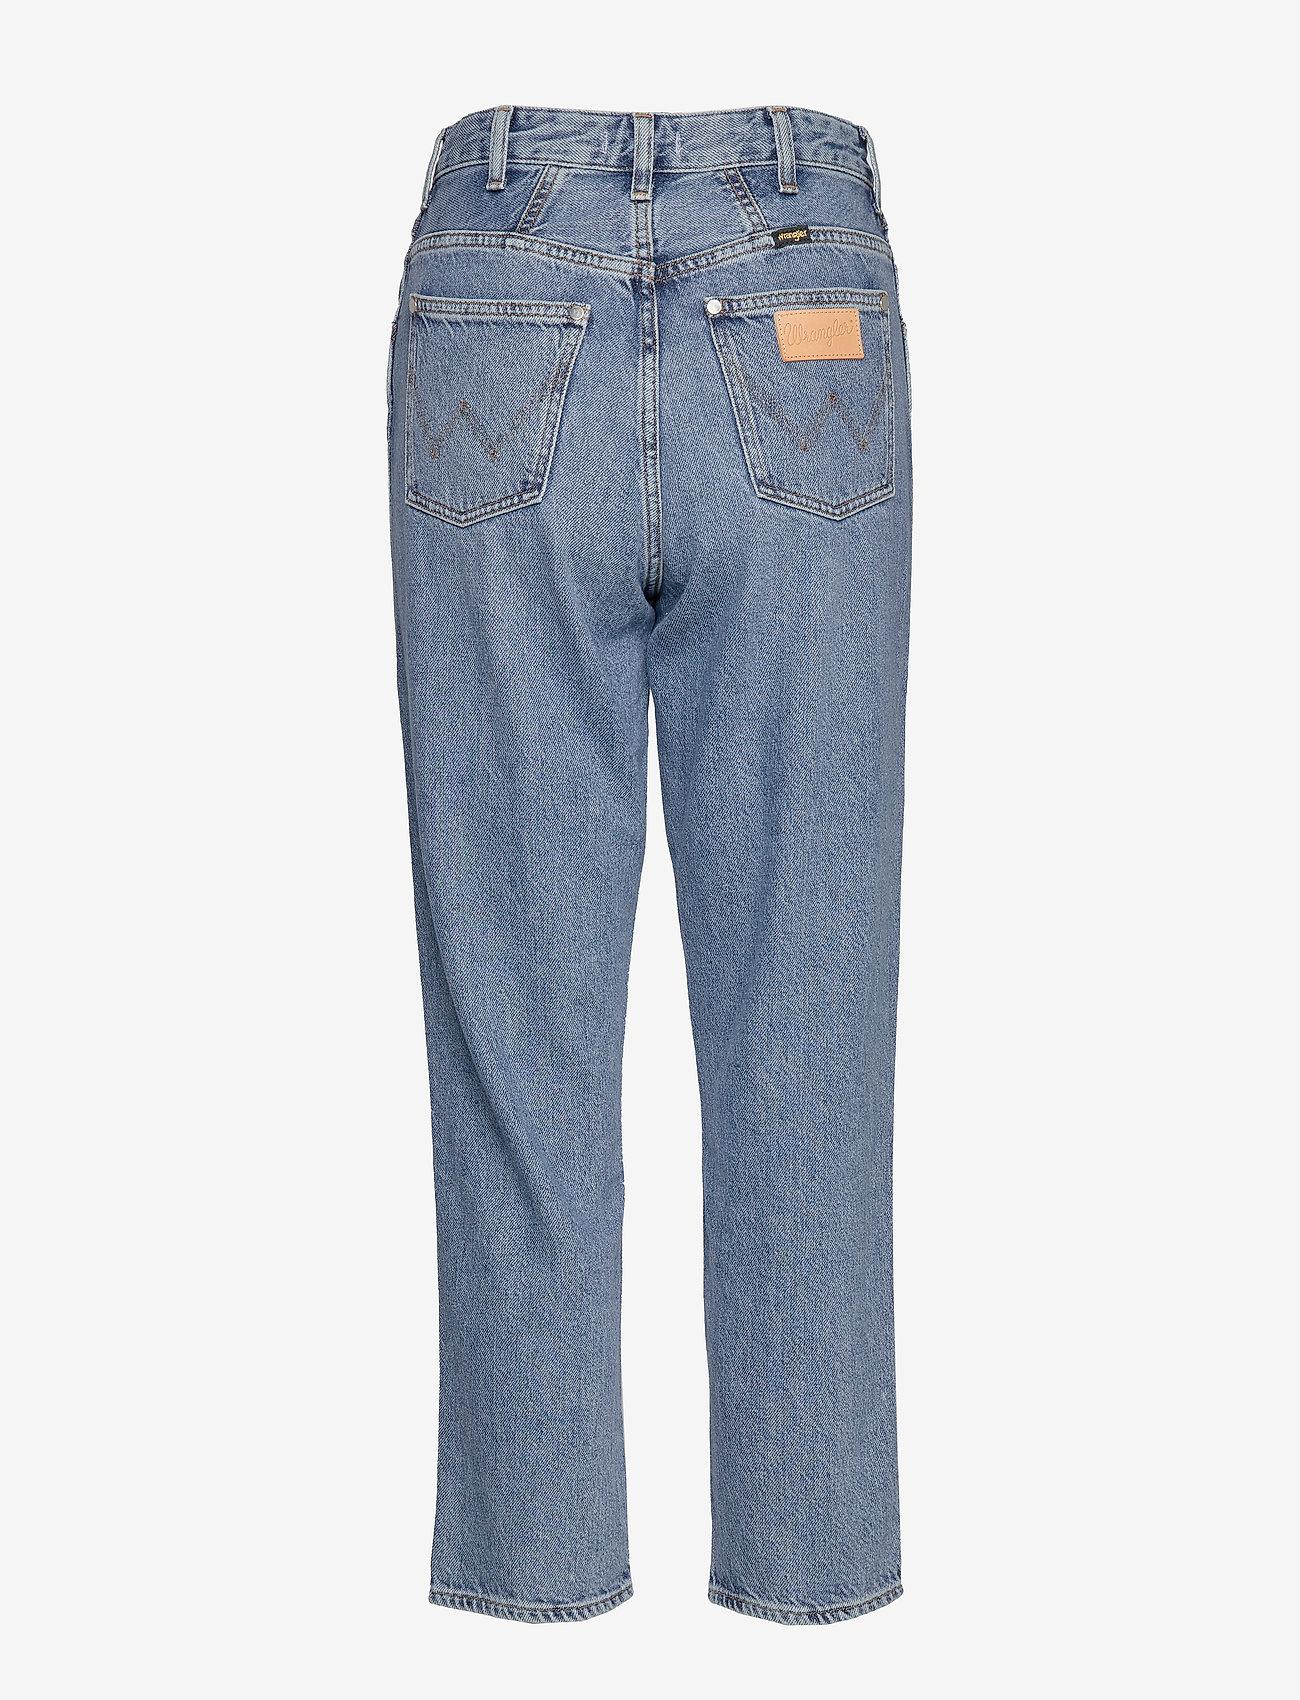 Wrangler - SEASONAL MOM - straight jeans - light ocean - 1